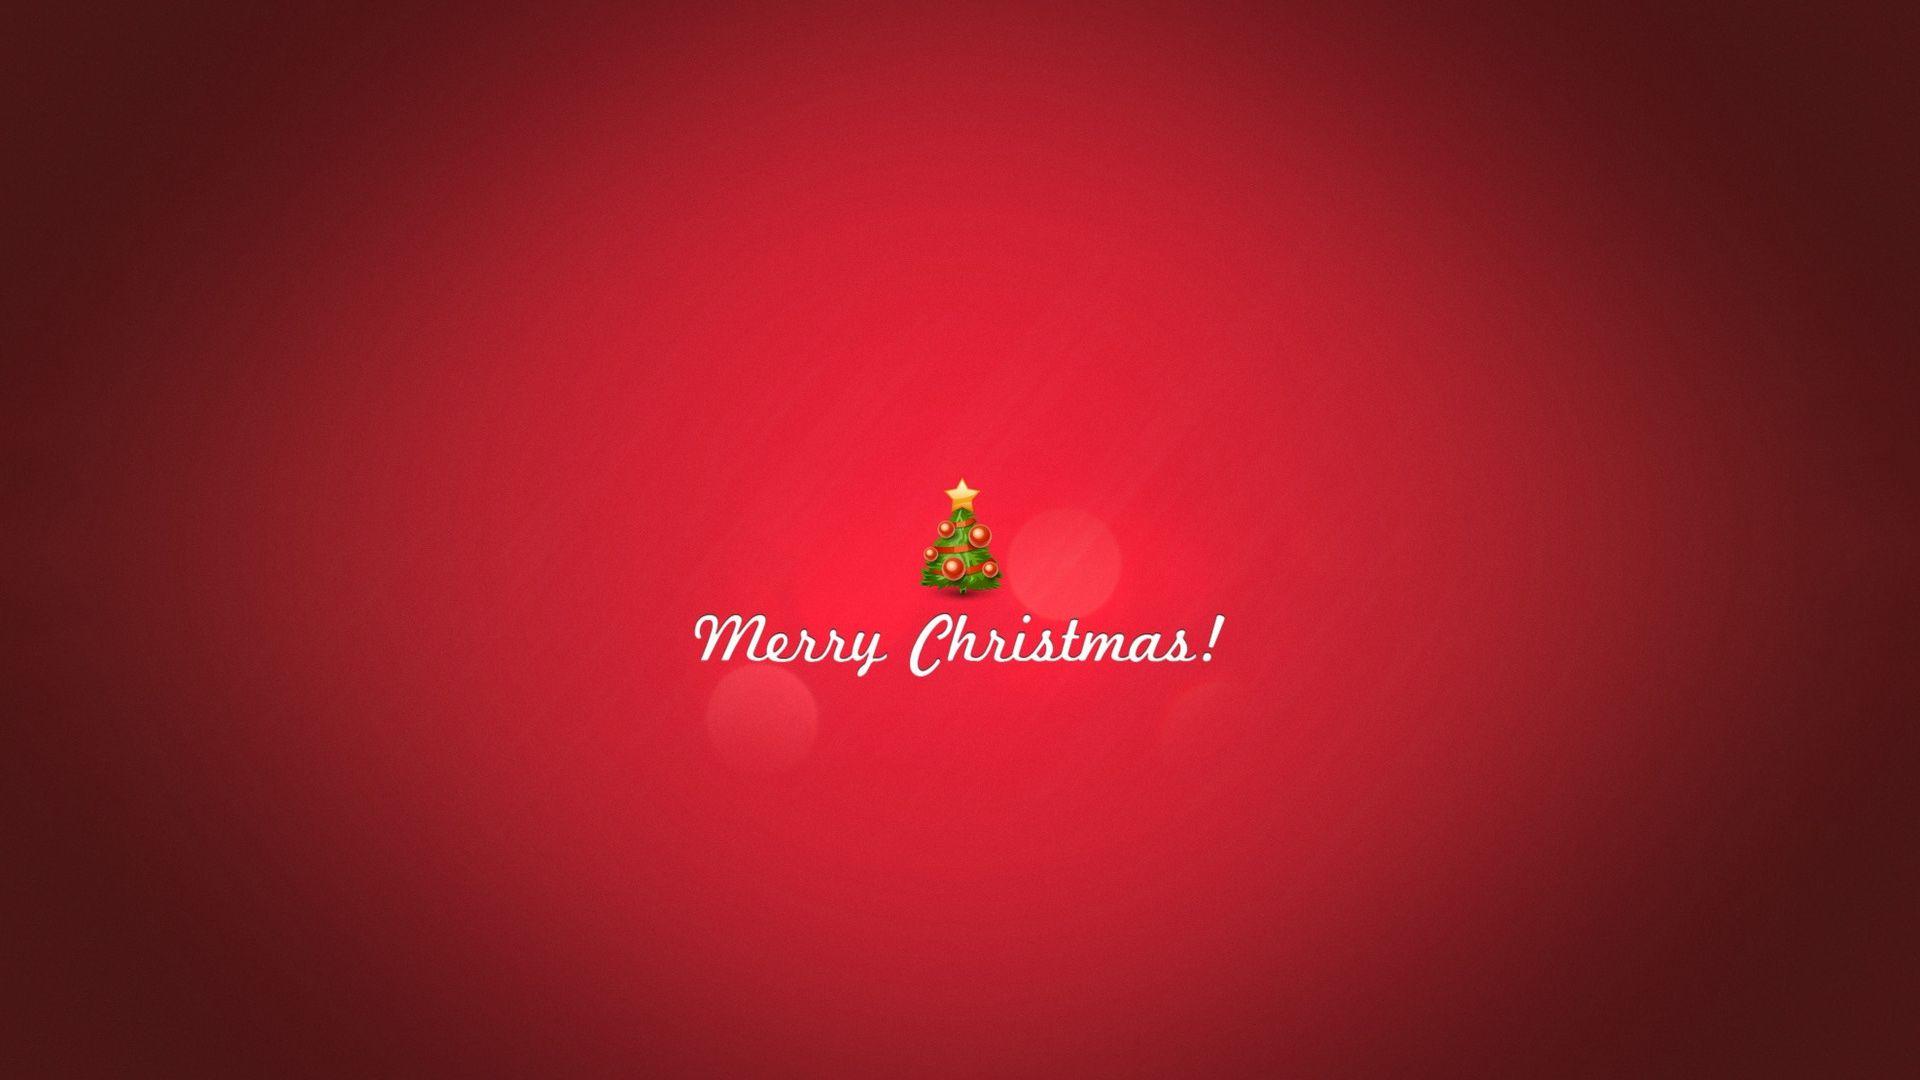 Popular Wallpaper Mac Christmas - 4a12827c3056bc4af6ad4576534a9a0d  Image_543897.jpg